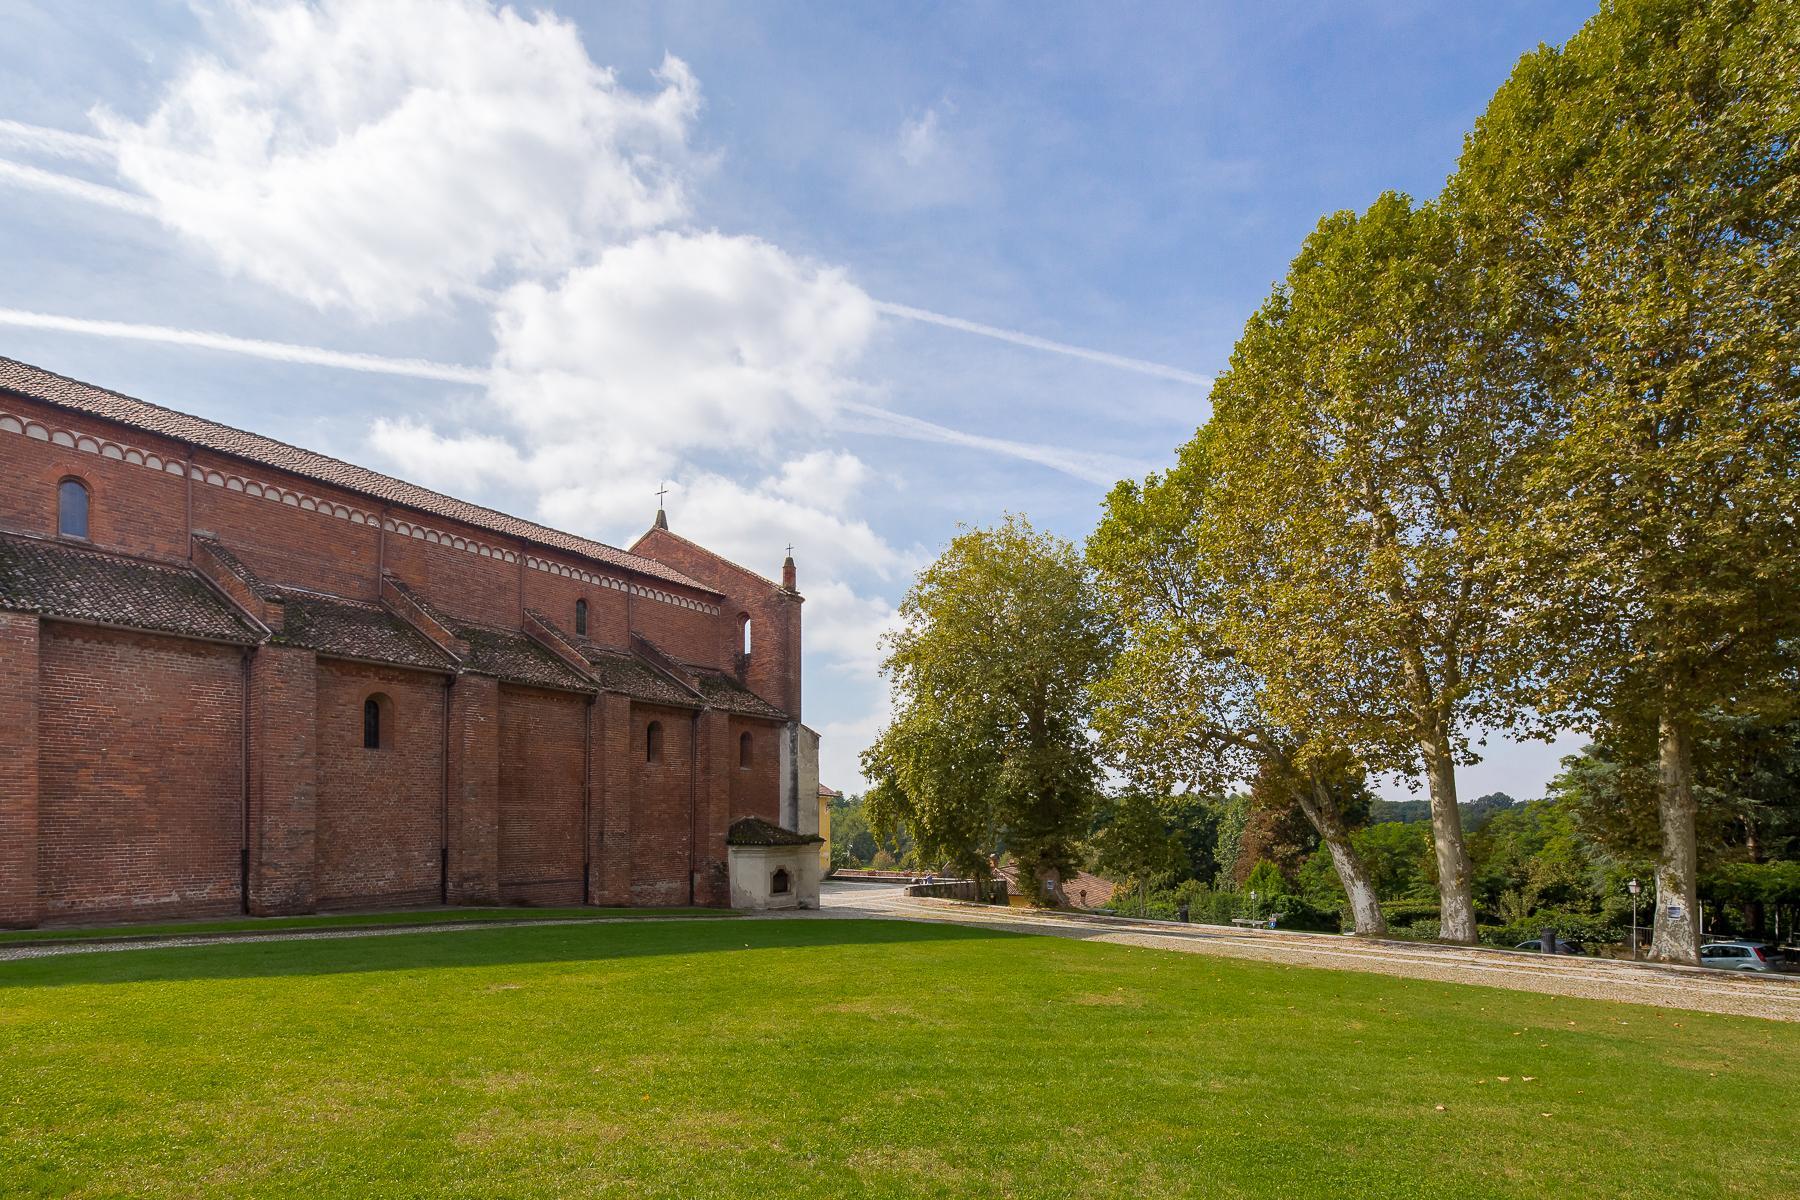 Storica chiesa sconsacrata, adibita ad abitazione, con giardino - 35